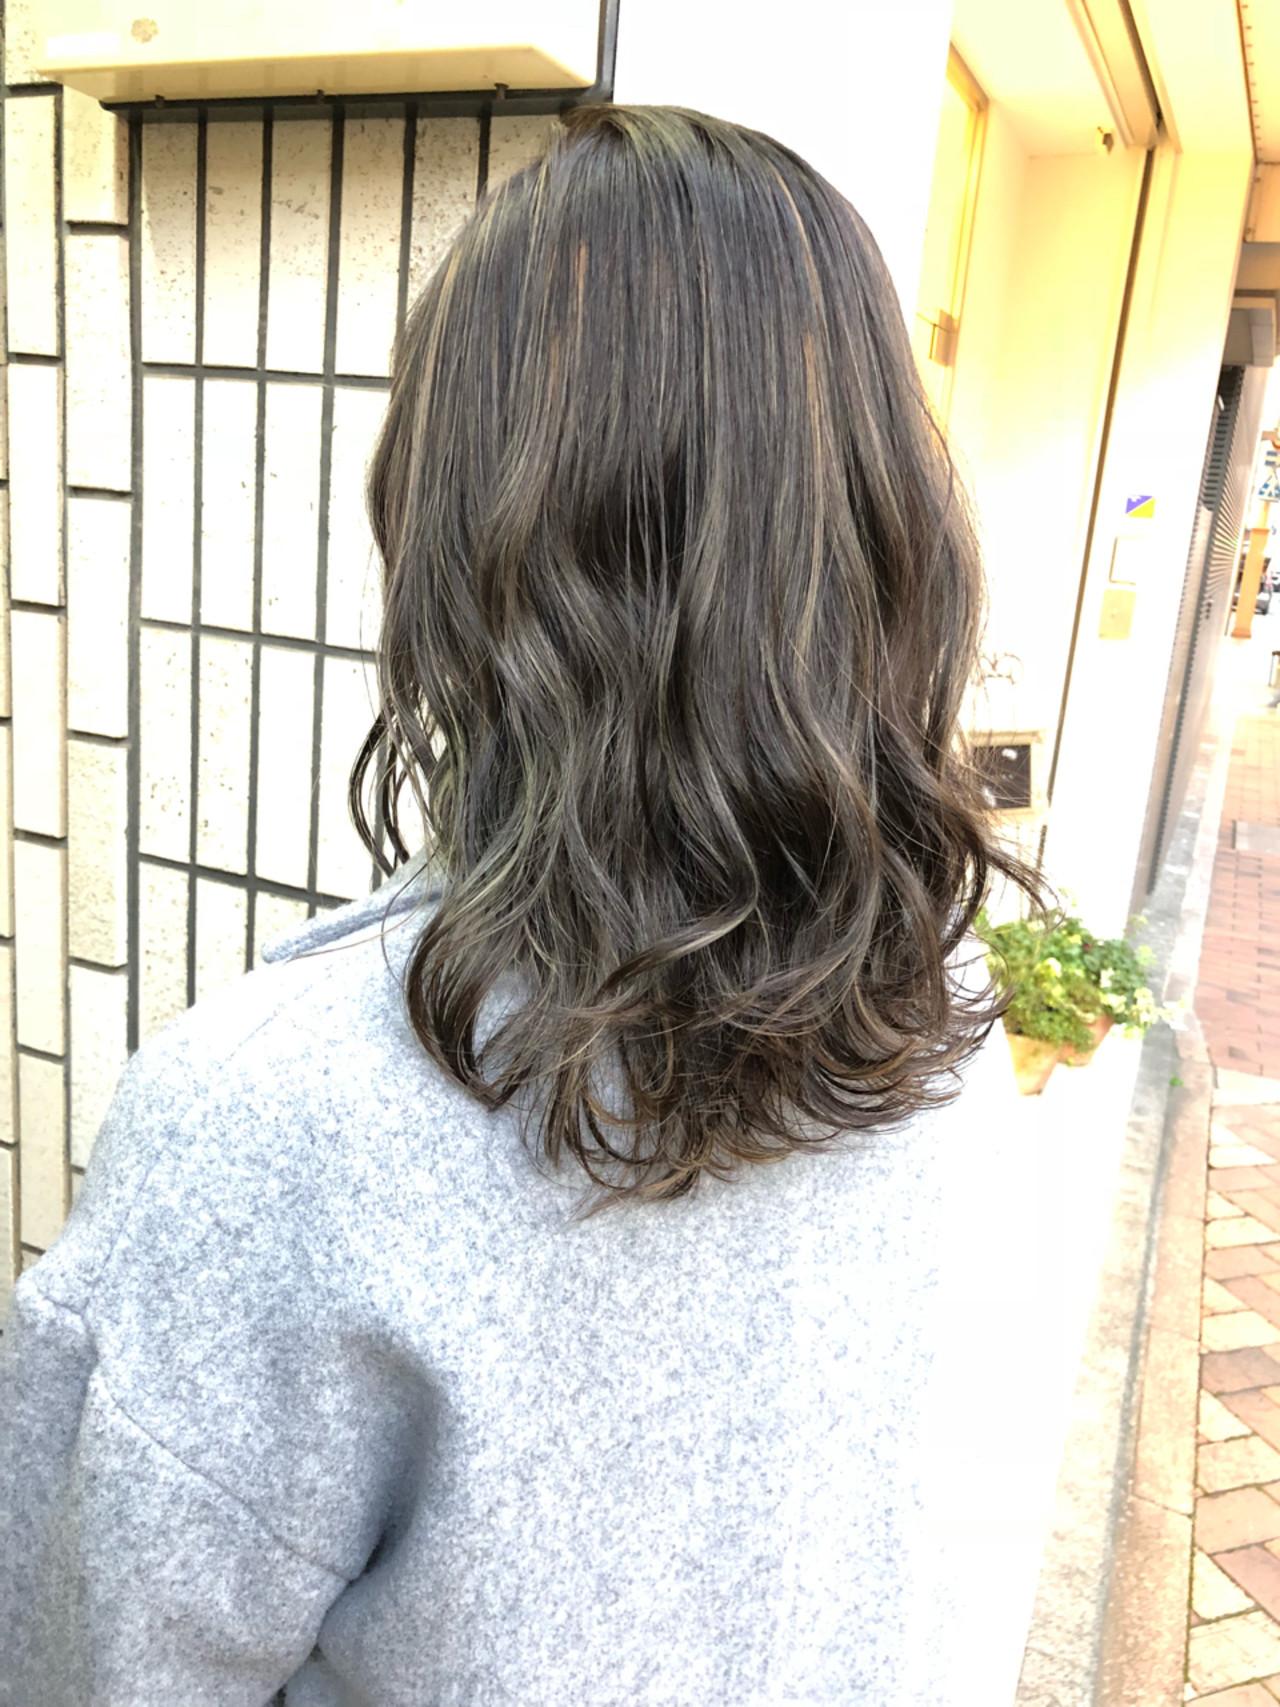 ミディアム ハイライト グレージュ ナチュラル ヘアスタイルや髪型の写真・画像 | 田渕 英和/vicushair / vicushair